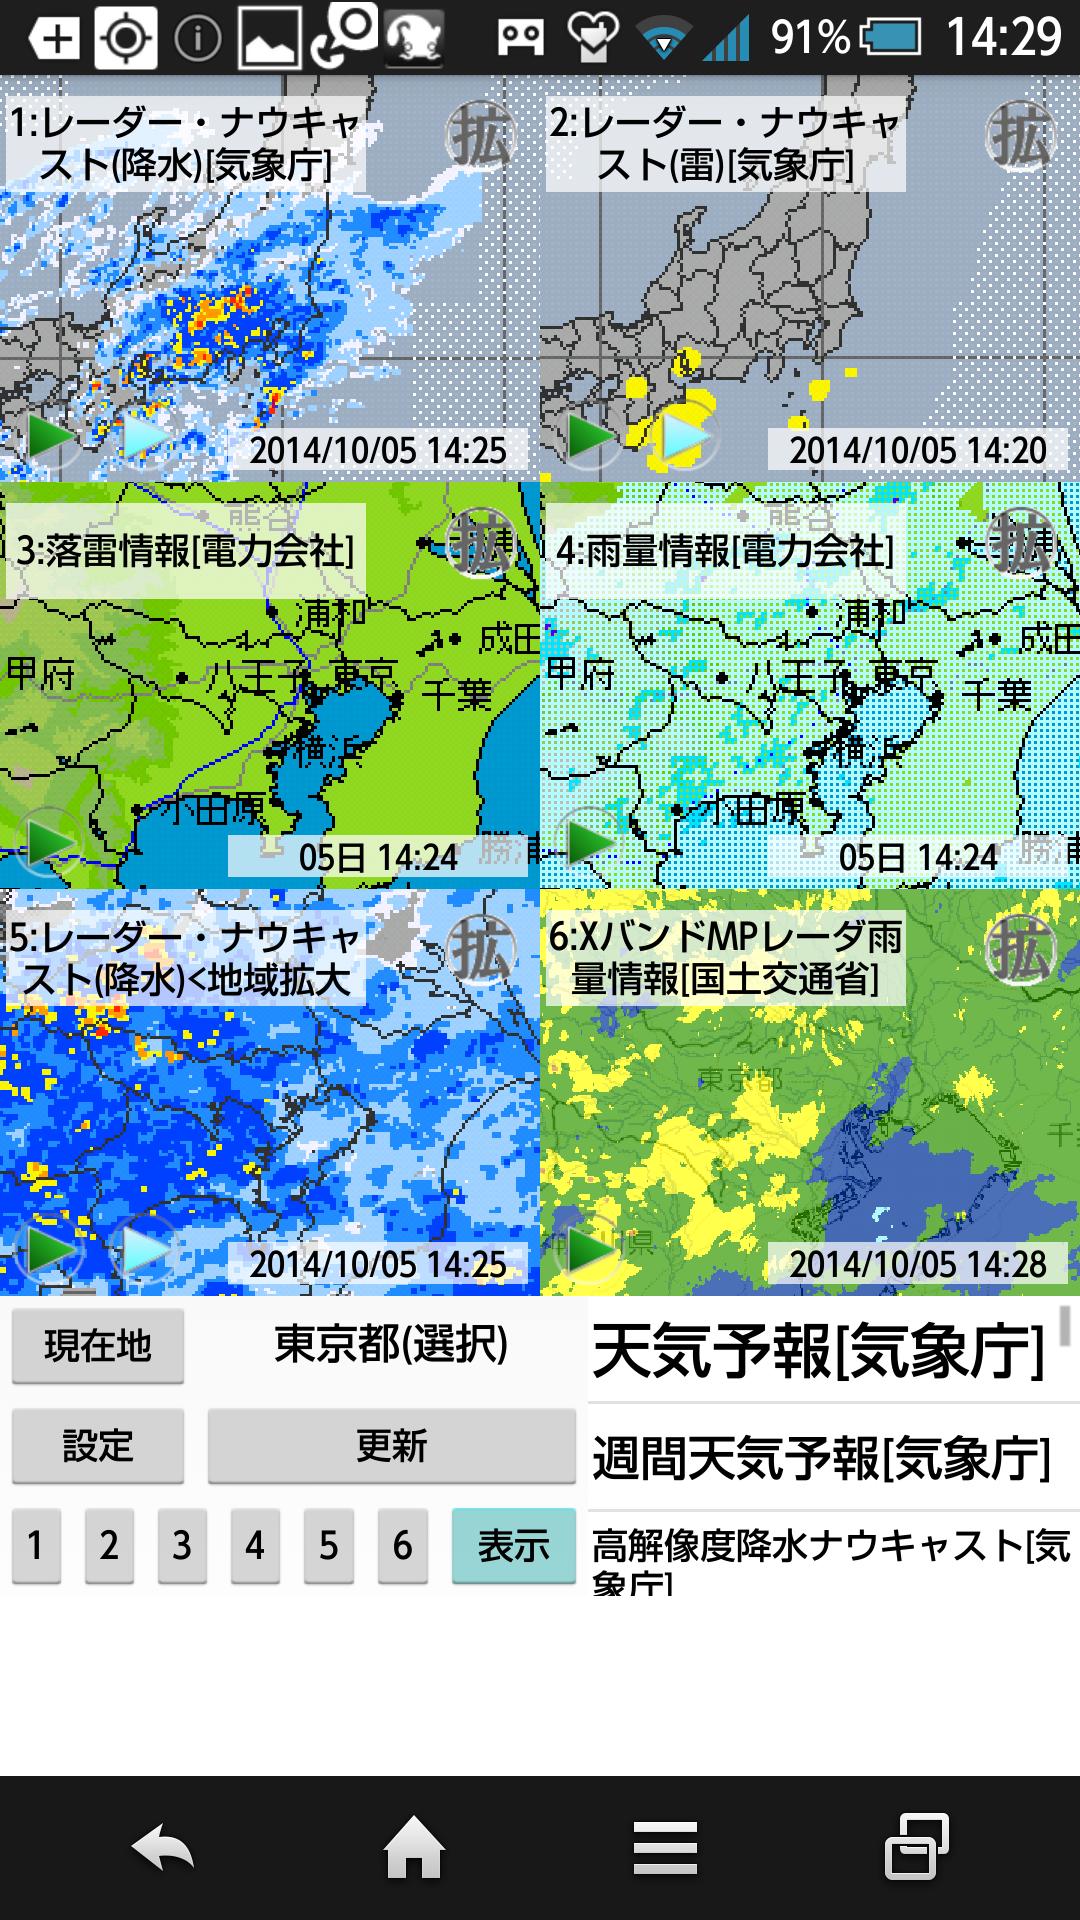 Androidツール・天気アプリ「周辺便利天気」画面1